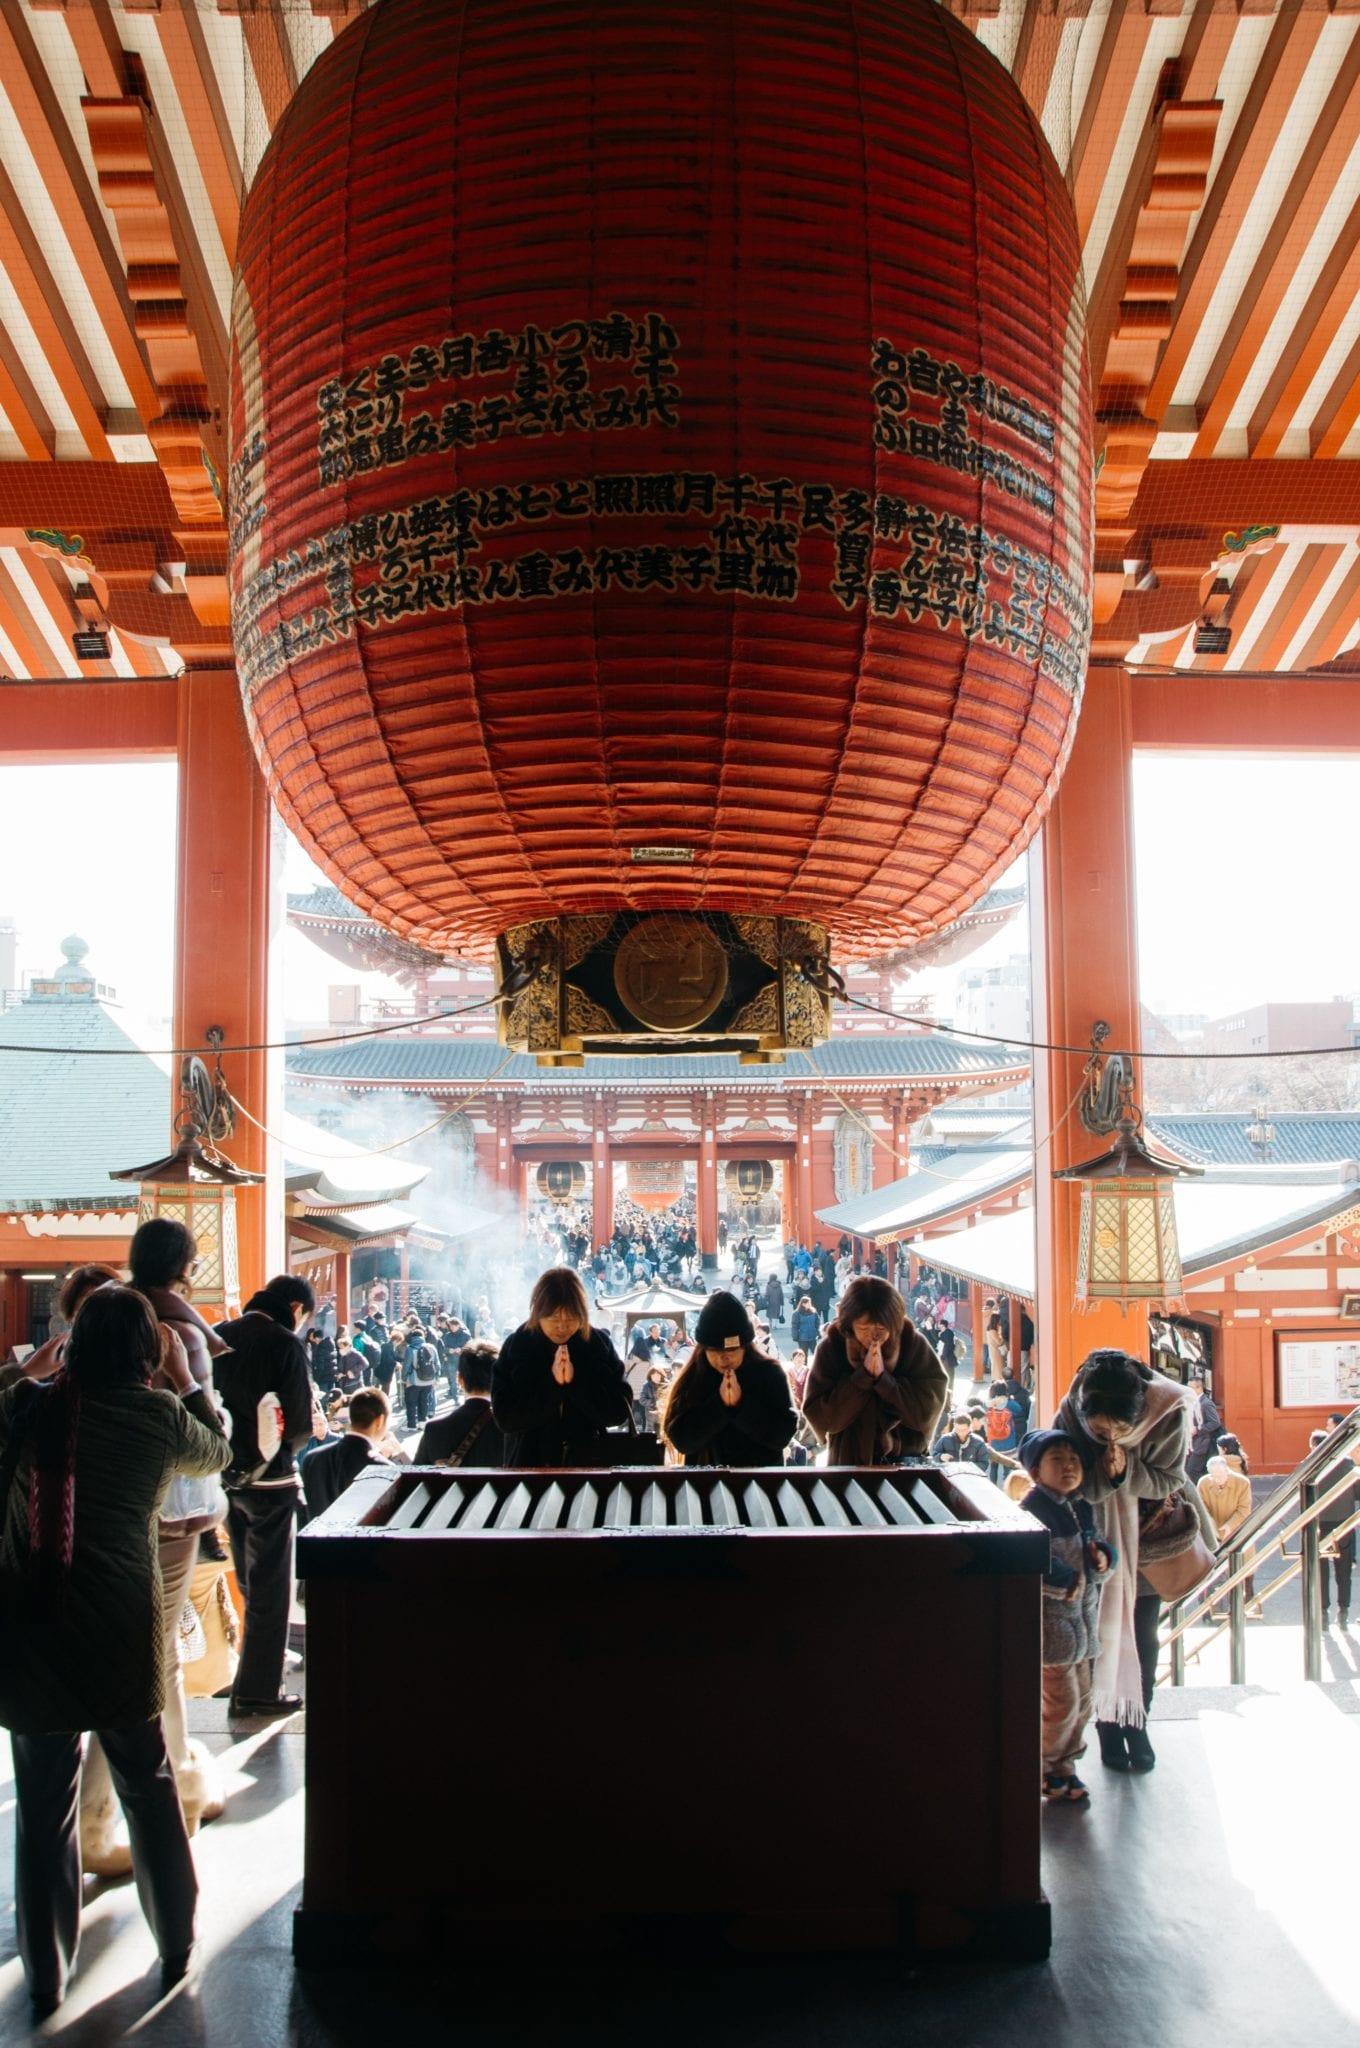 เครื่องราง ญี่ปุ่น ของฝากจากญี่ปุ่น สถานที่ท่องเที่ยวในญี่ปุ่น วัดญี่ปุ่น